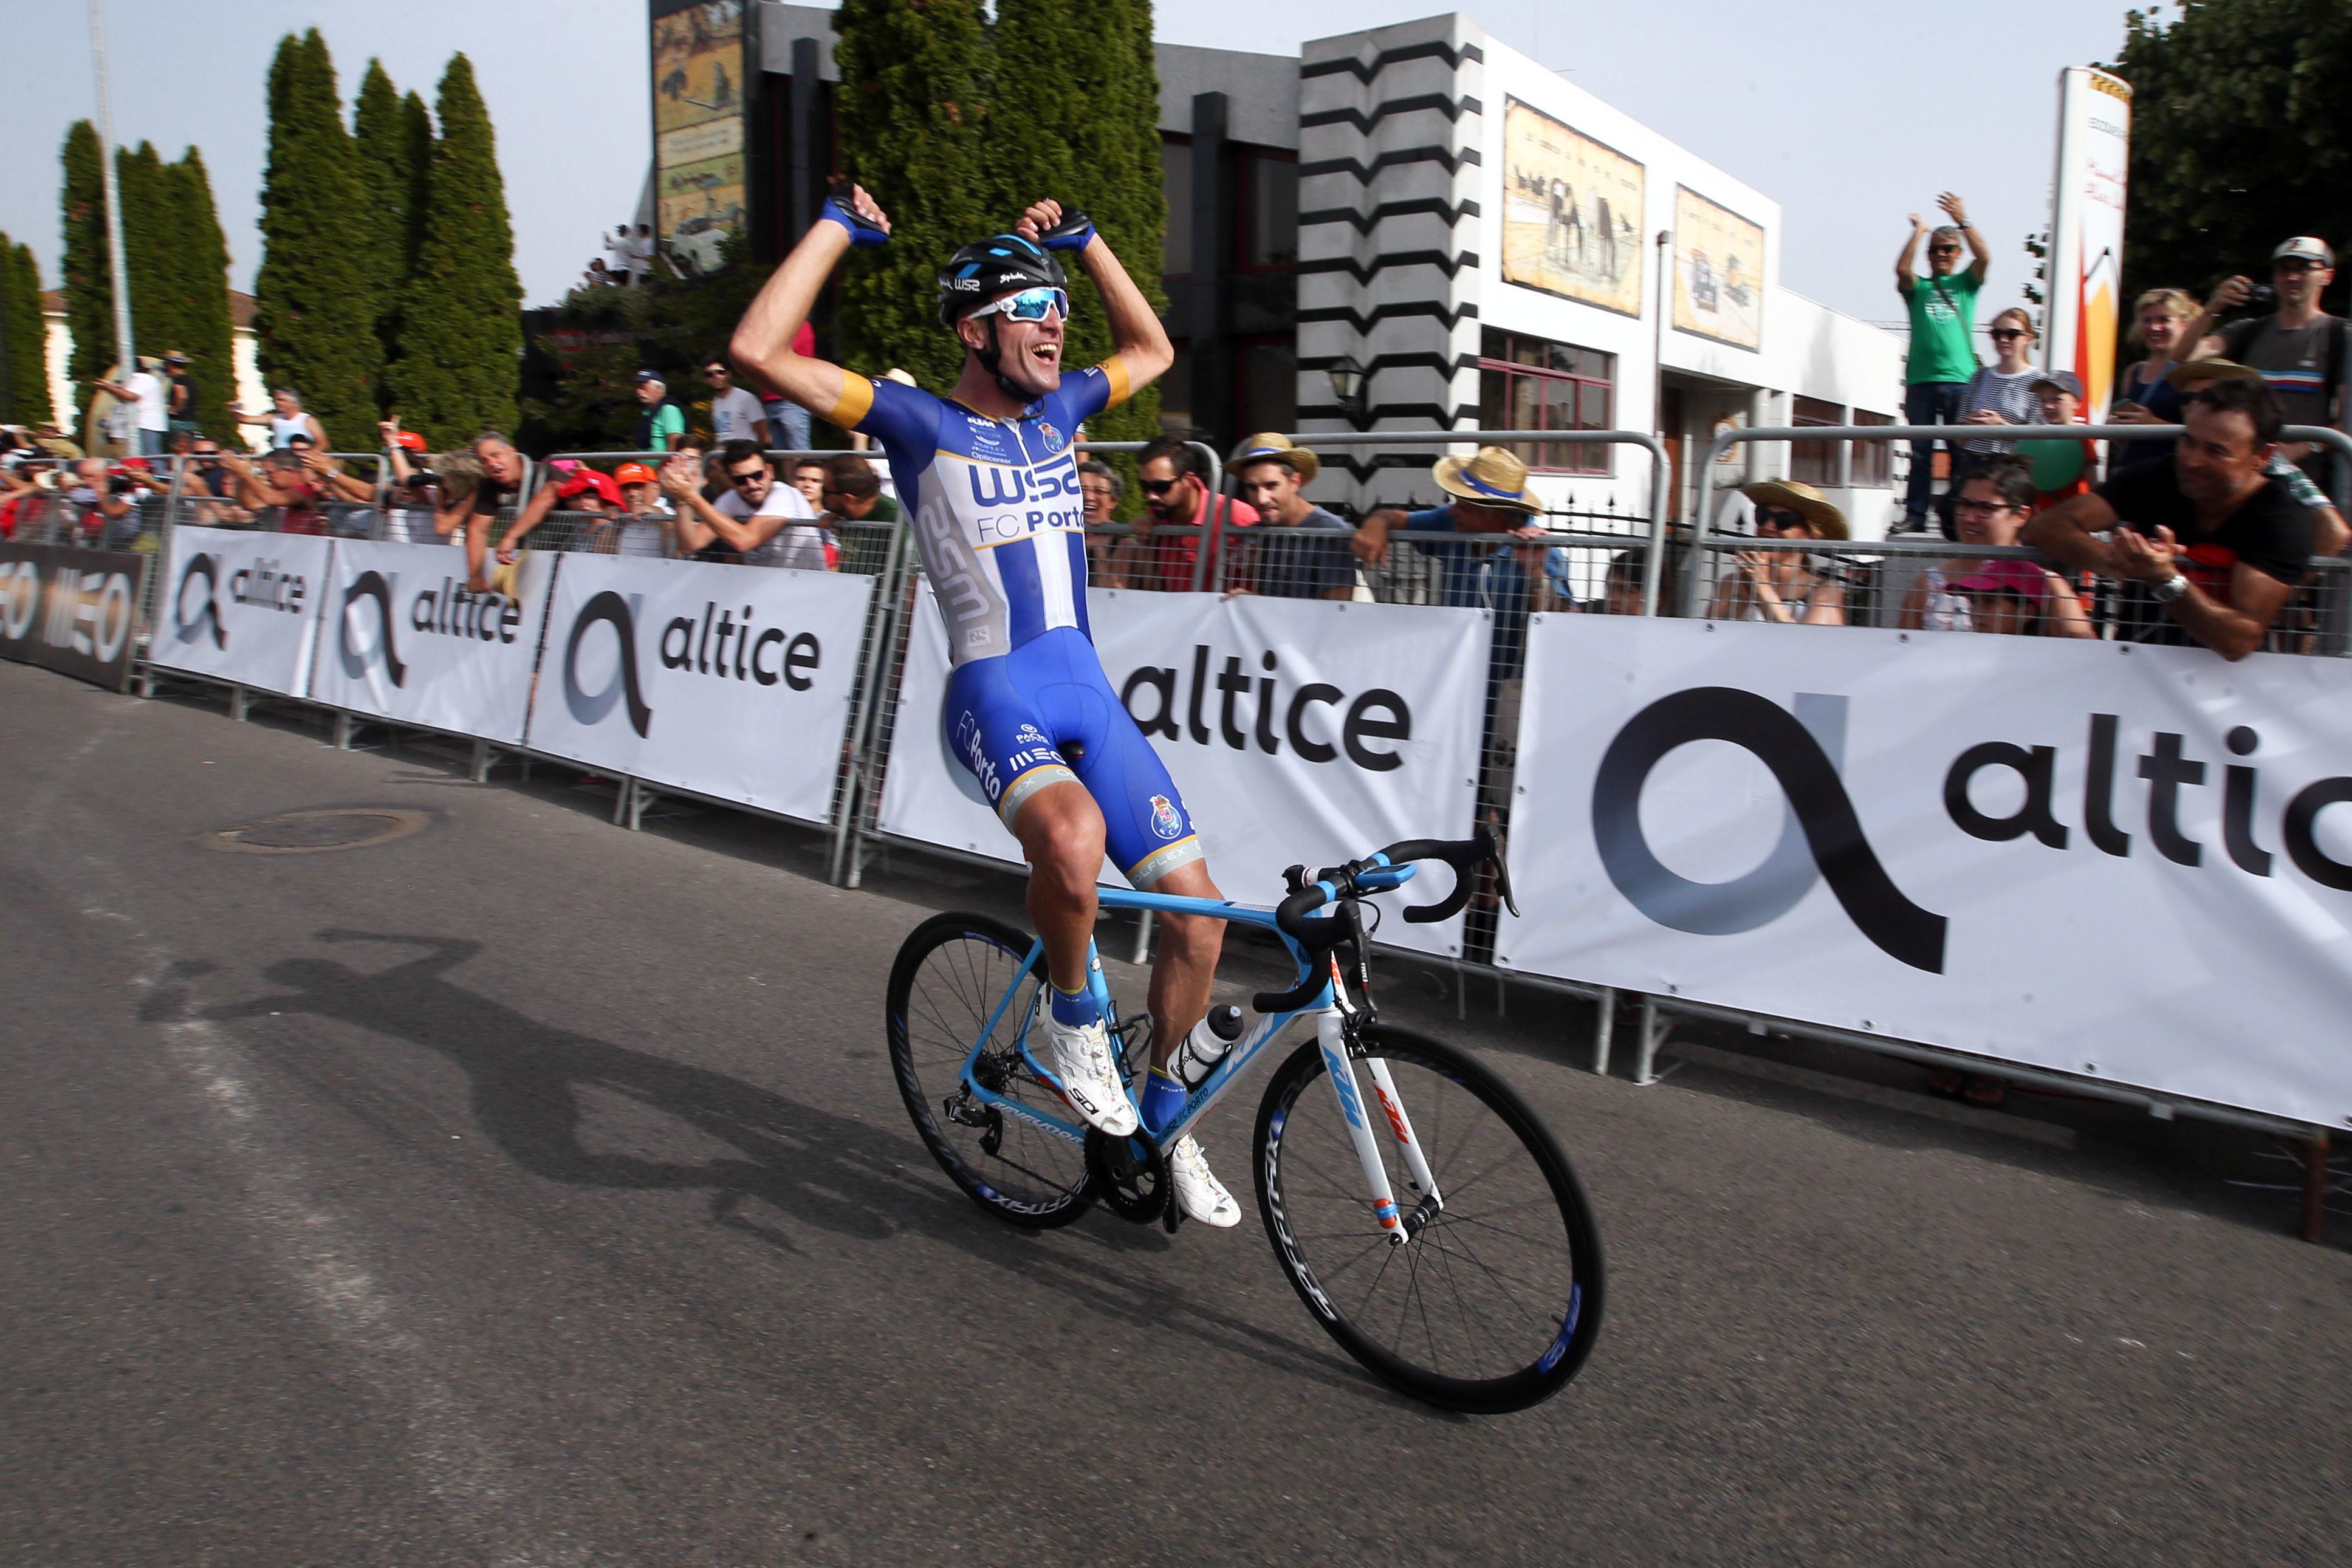 Raúl Alarcón, bicampeão da Volta a Portugal, diz-se inocente de suspeitas de doping